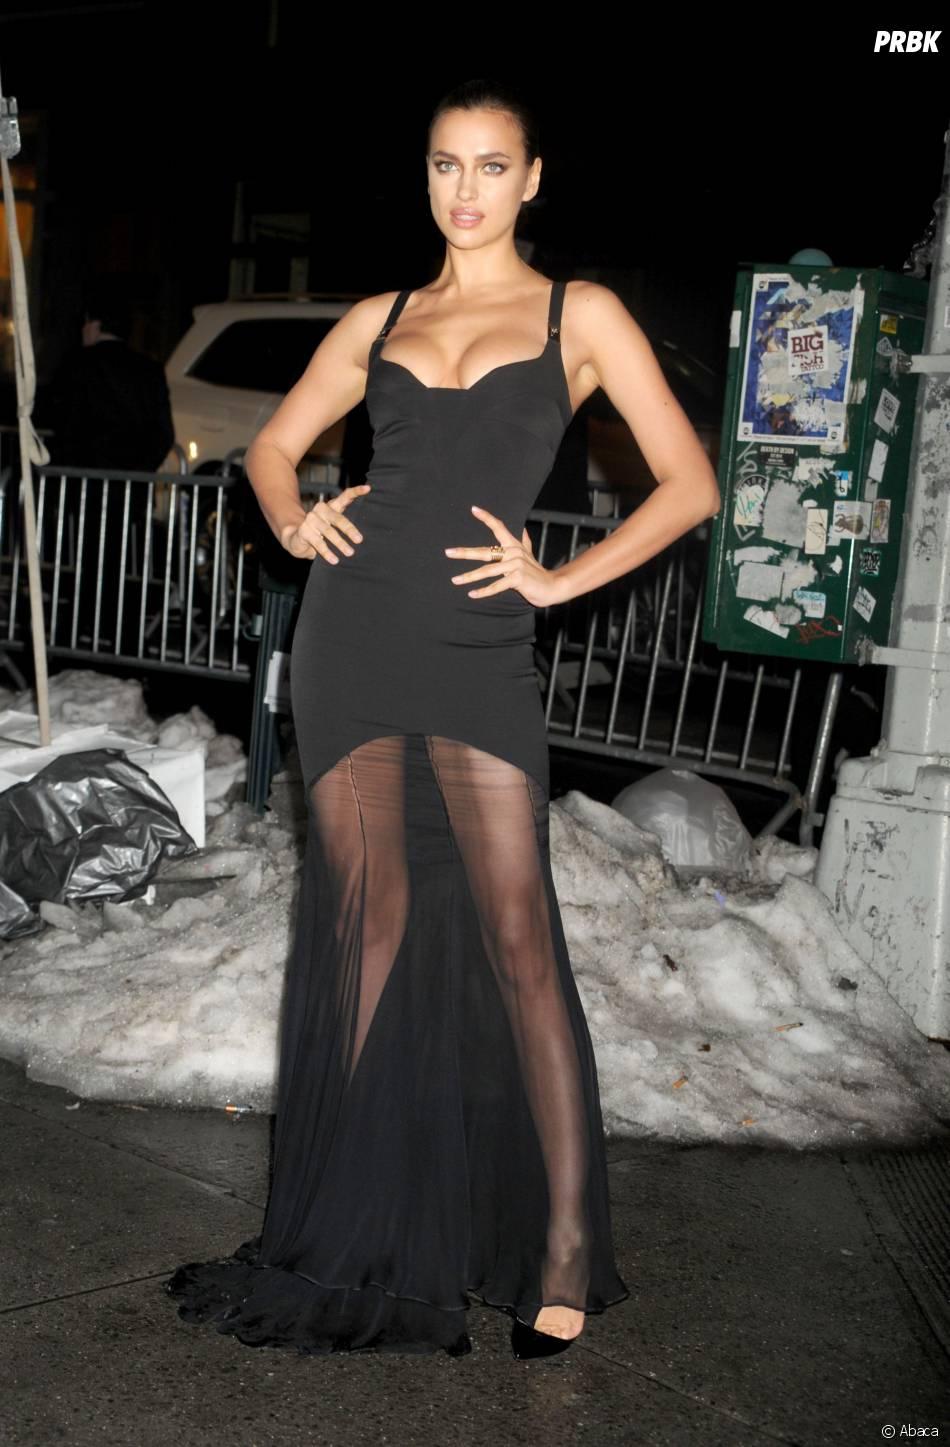 Irina Shayk était àla soirée des 50 ans du numéro spécial bikini du magazine Sports Illustrated, le 18 février 2014